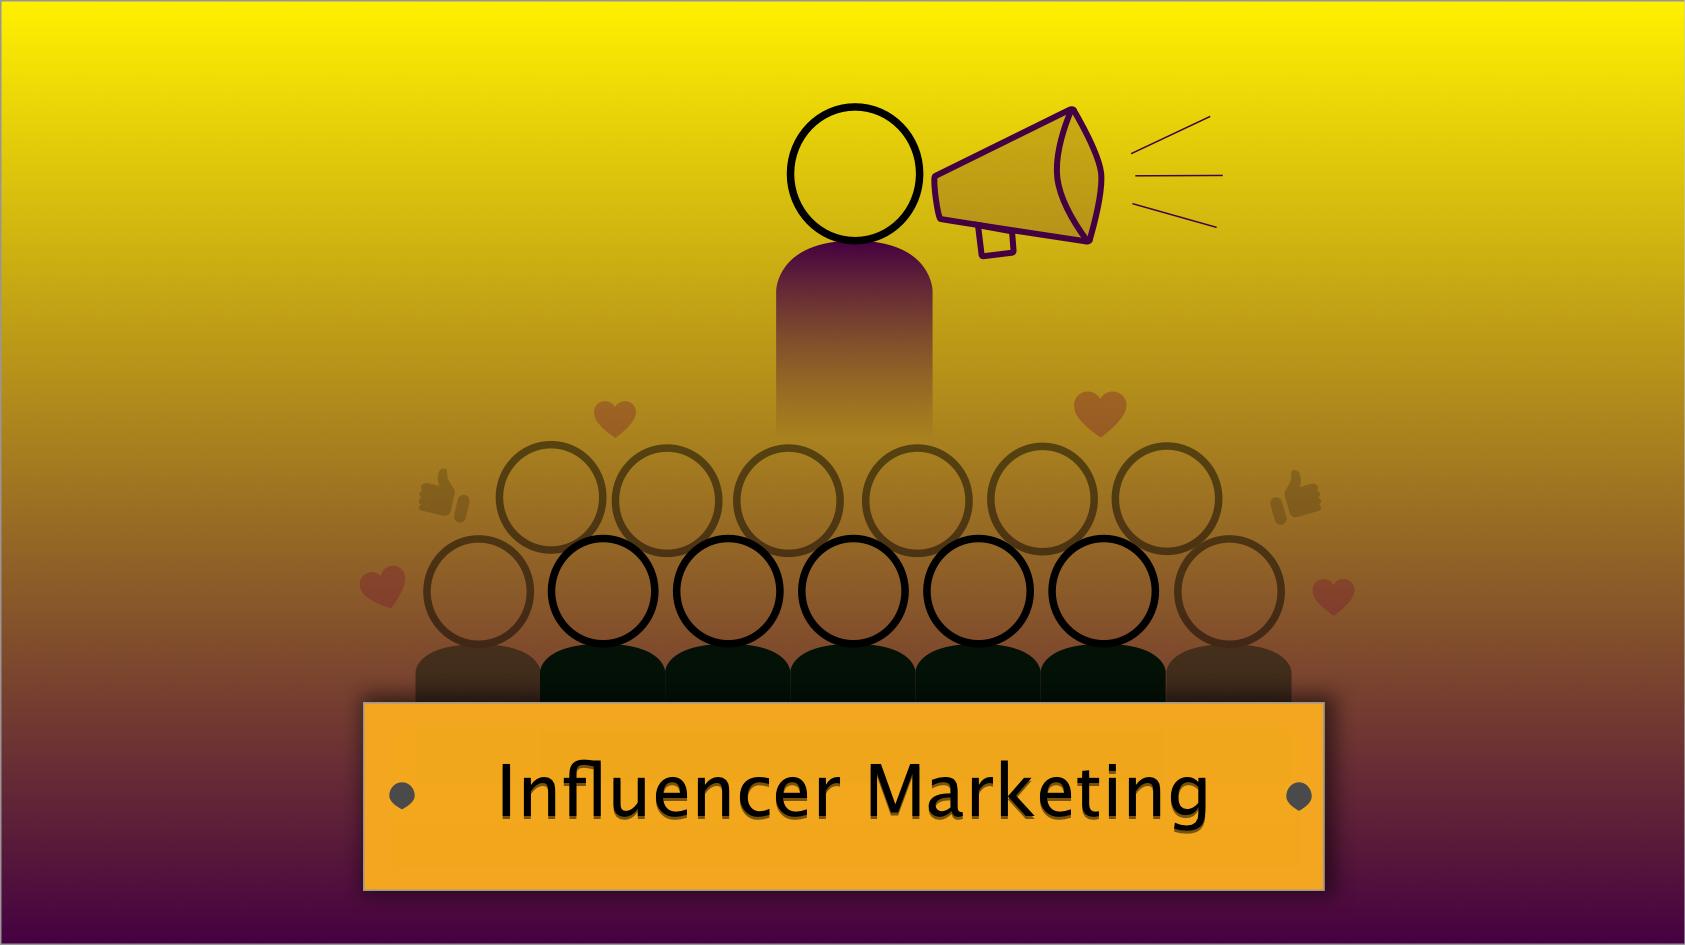 Influencer: come spillare soldi al prossimo senza alcuna qualità e senza fare nulla